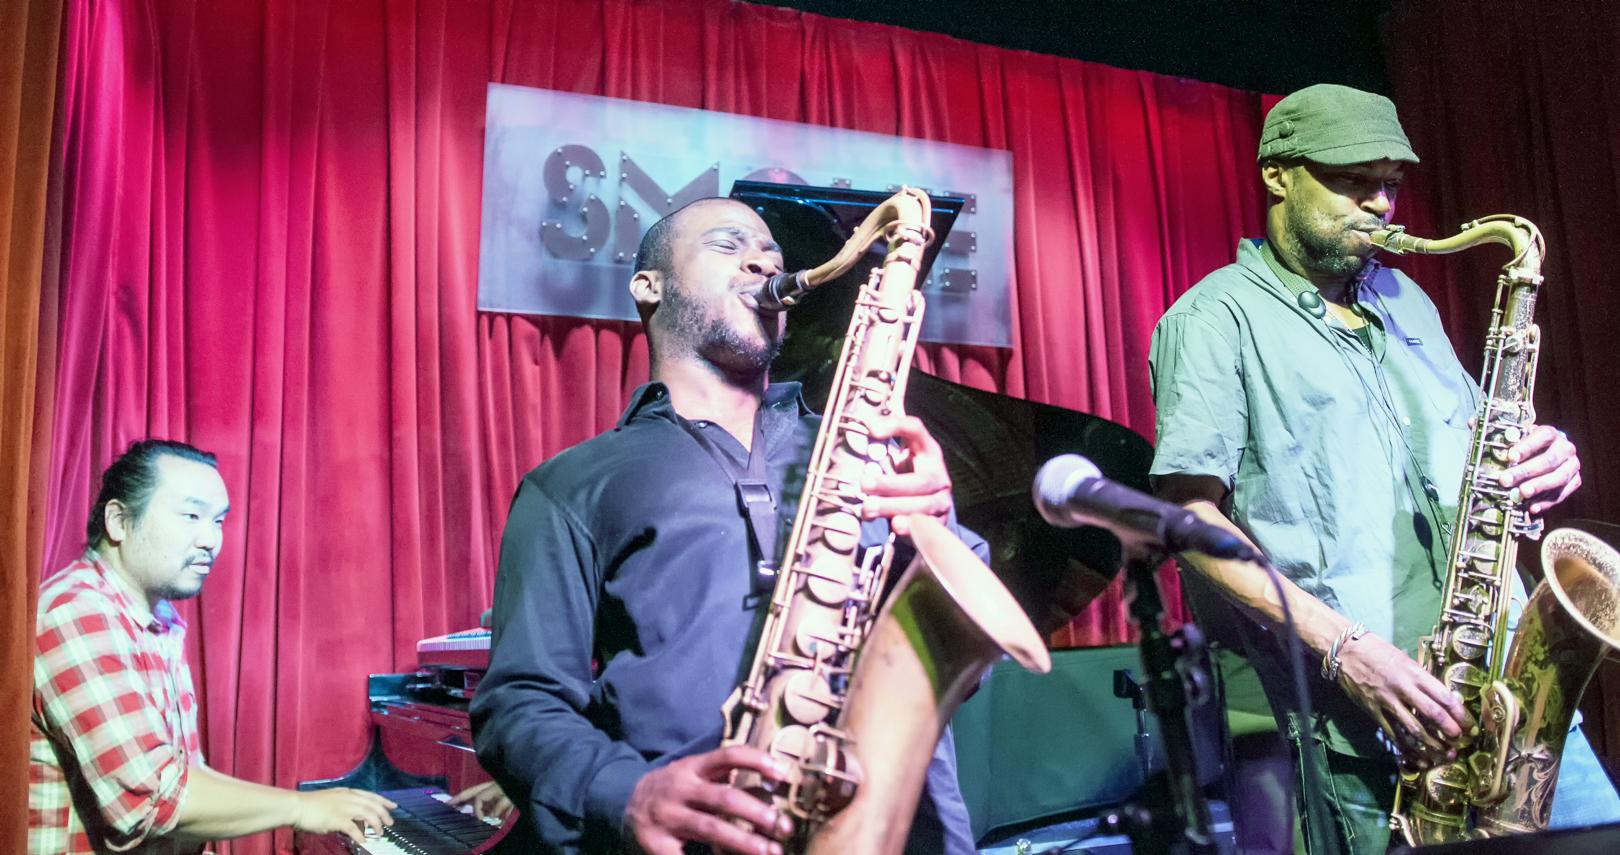 John Chin, Tivon Pennicott and Stacy Dillard at Smoke Jazz Club